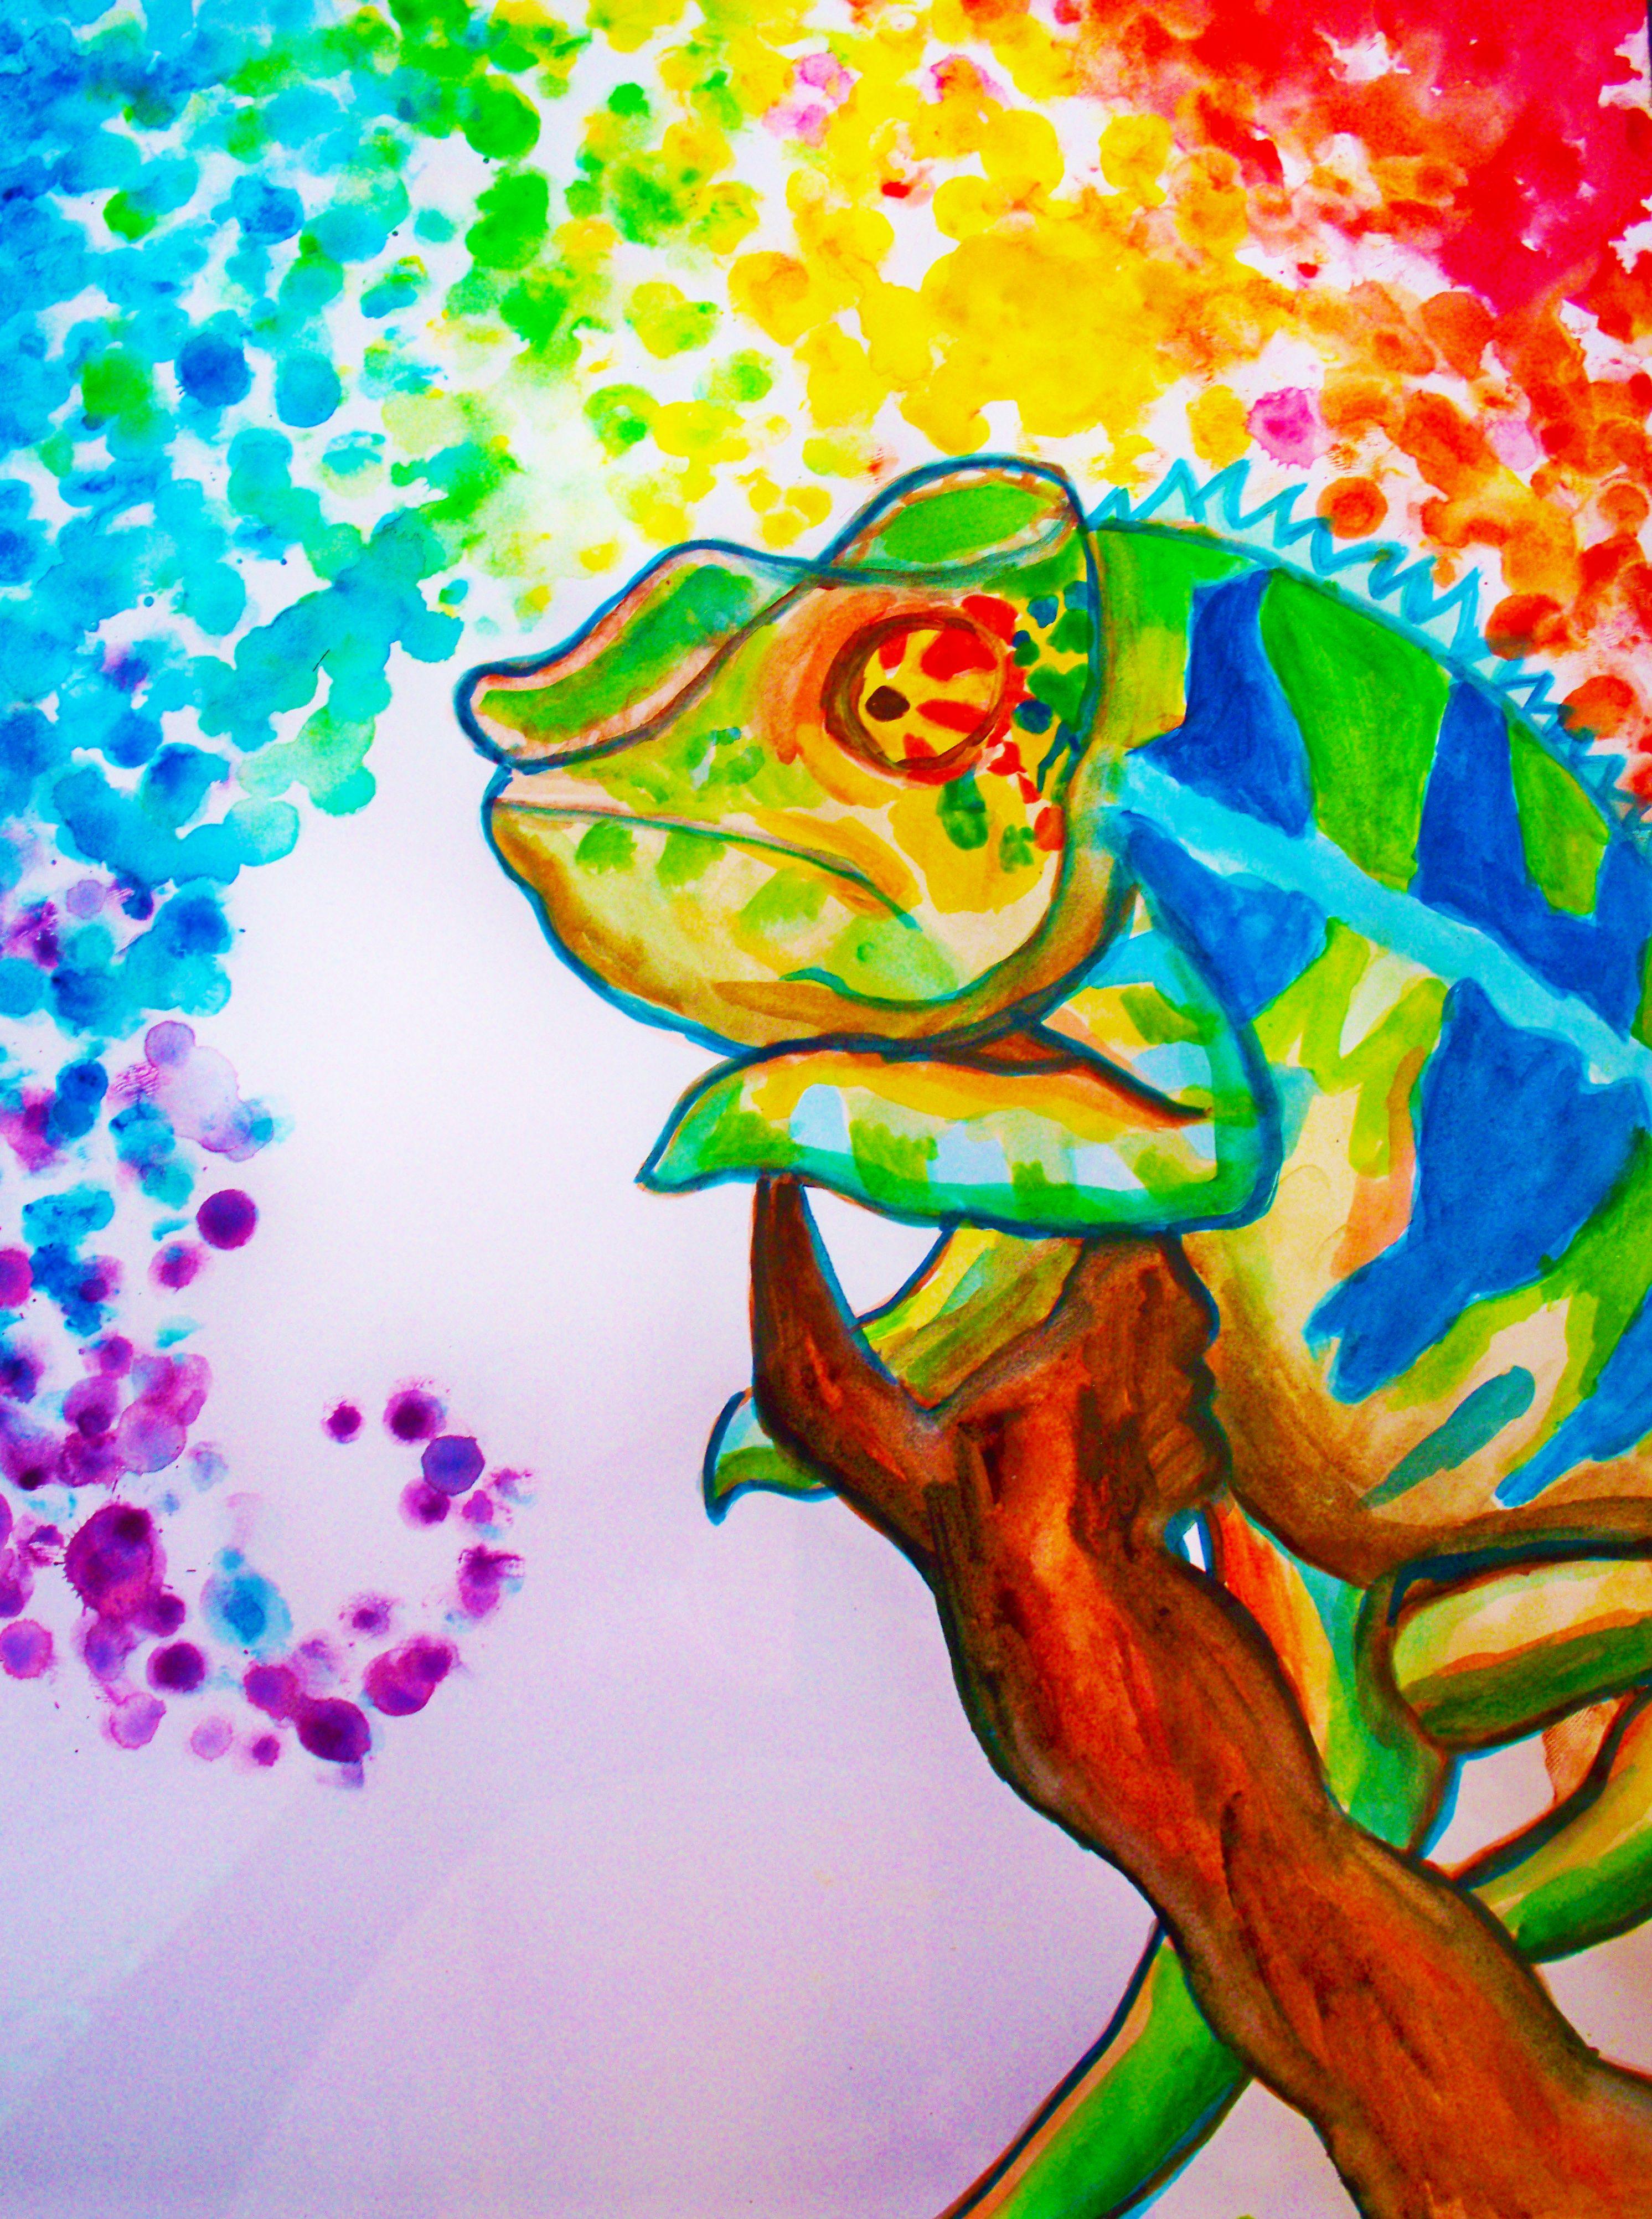 Art Neon Chameleon Paintmyworldrainbow Http